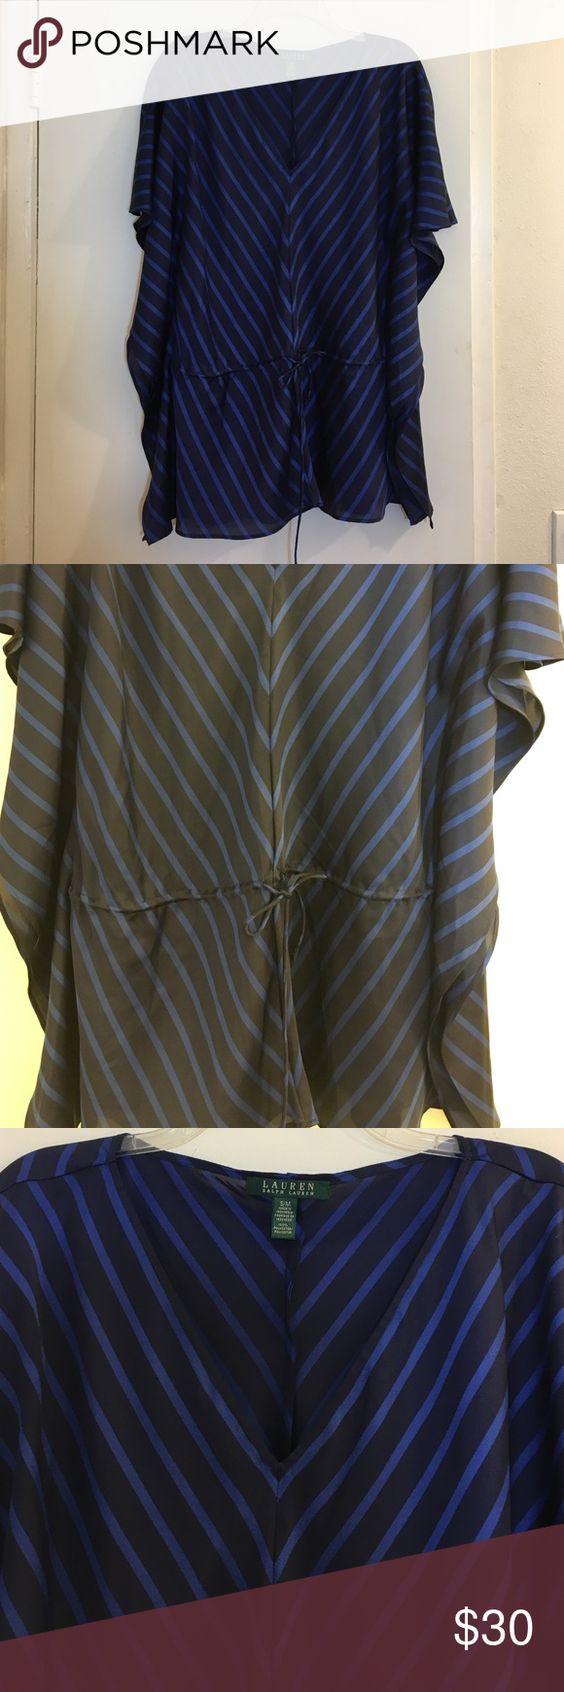 LAUREN Ralph Lauren Top Size S/M 100% polyester. NO TRADES/PAYPAL. Lauren Ralph Lauren Tops